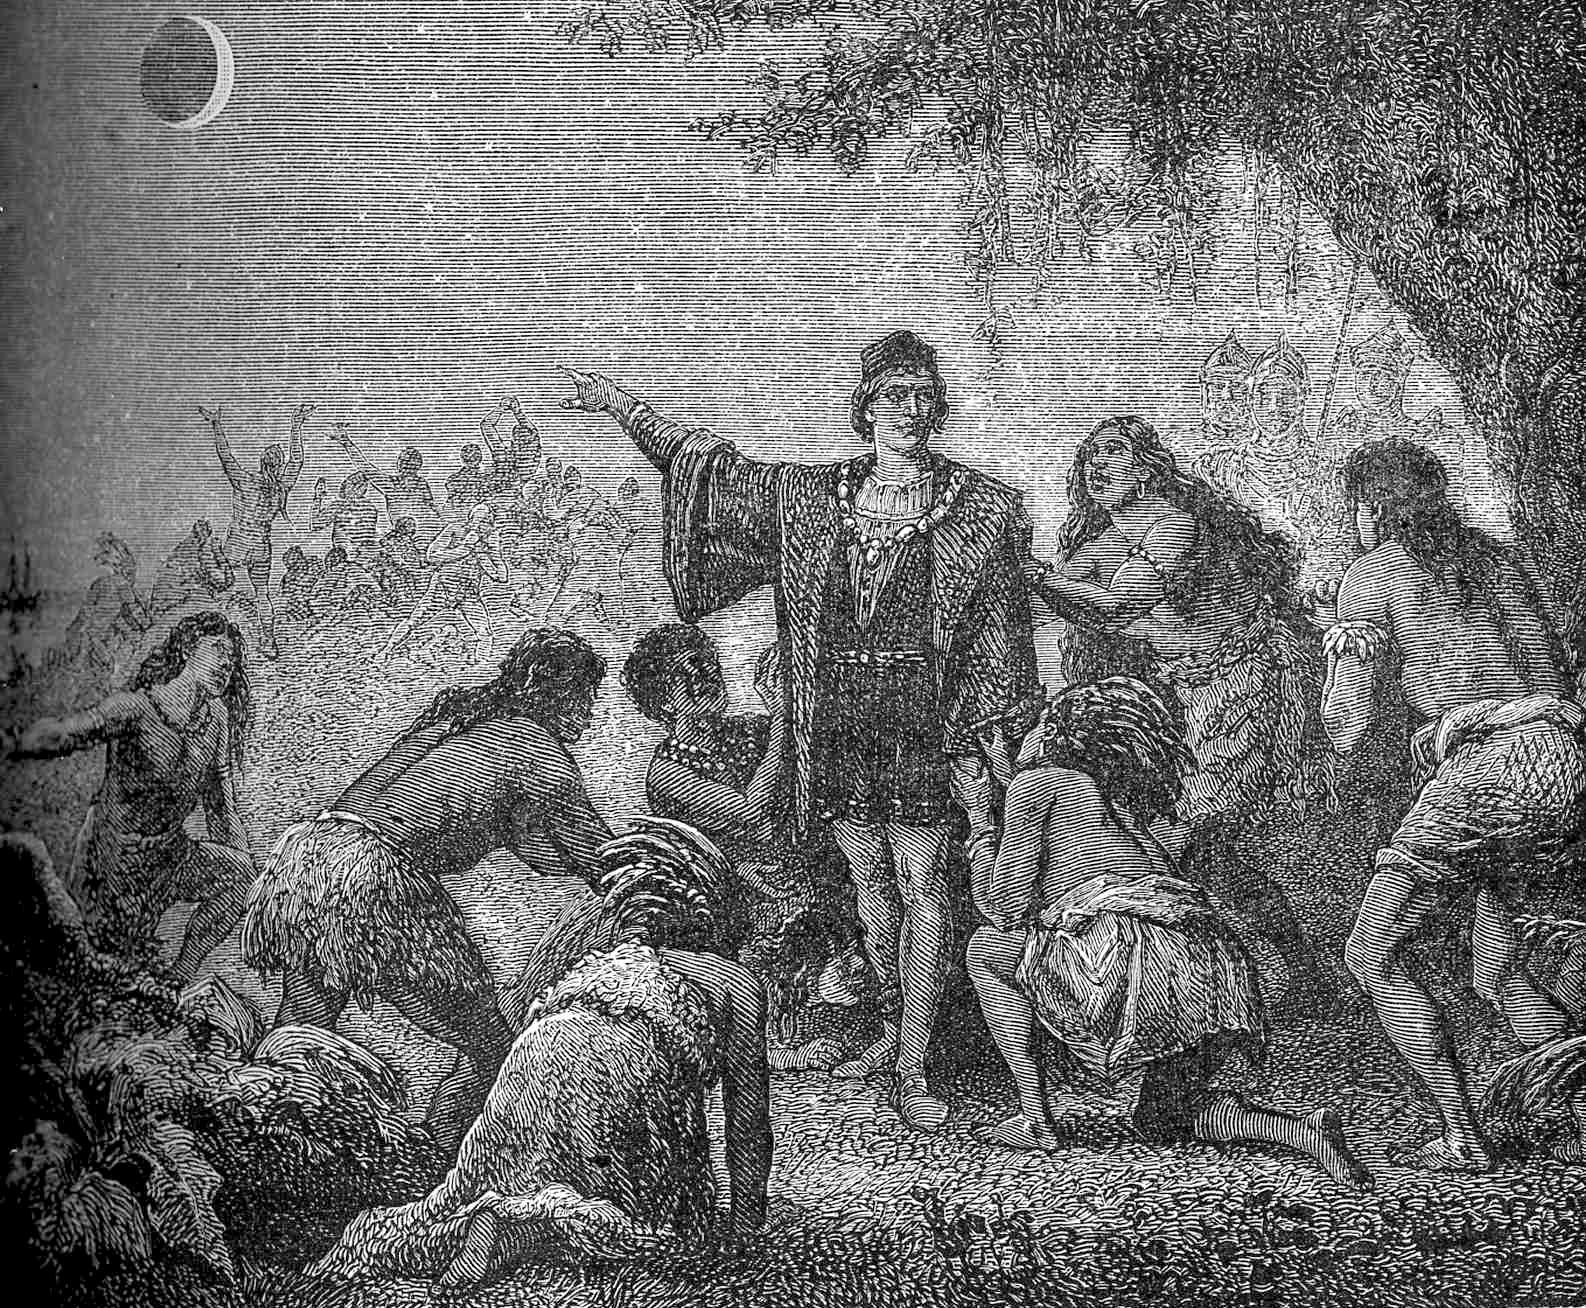 """""""L'éclipse de lune de Christophe Colomb."""" Columbus impressing local Jamaicans by foretelling the June 30, 1503 lunar eclipse. - FROM ASTRONOMIE POPULAIRE 1879, PUBLIC DOMAIN"""